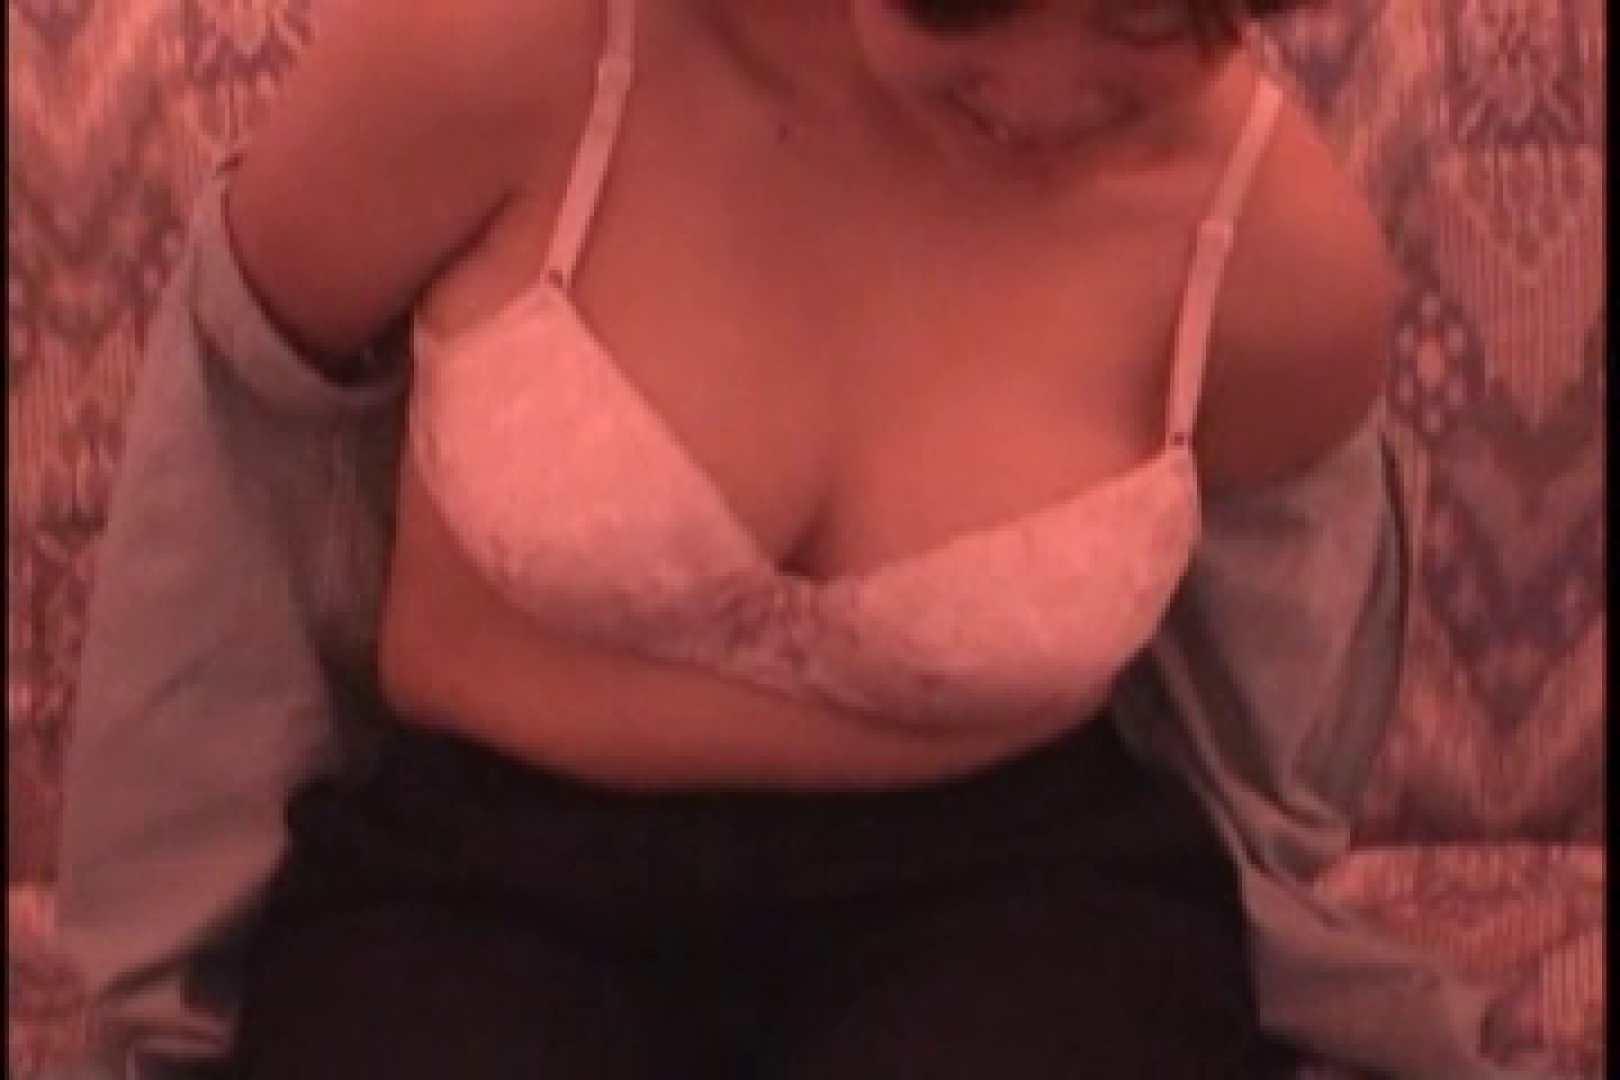 長野援助 かおりちゃん18歳 おっぱい   マンコ・ムレムレ  73pic 10